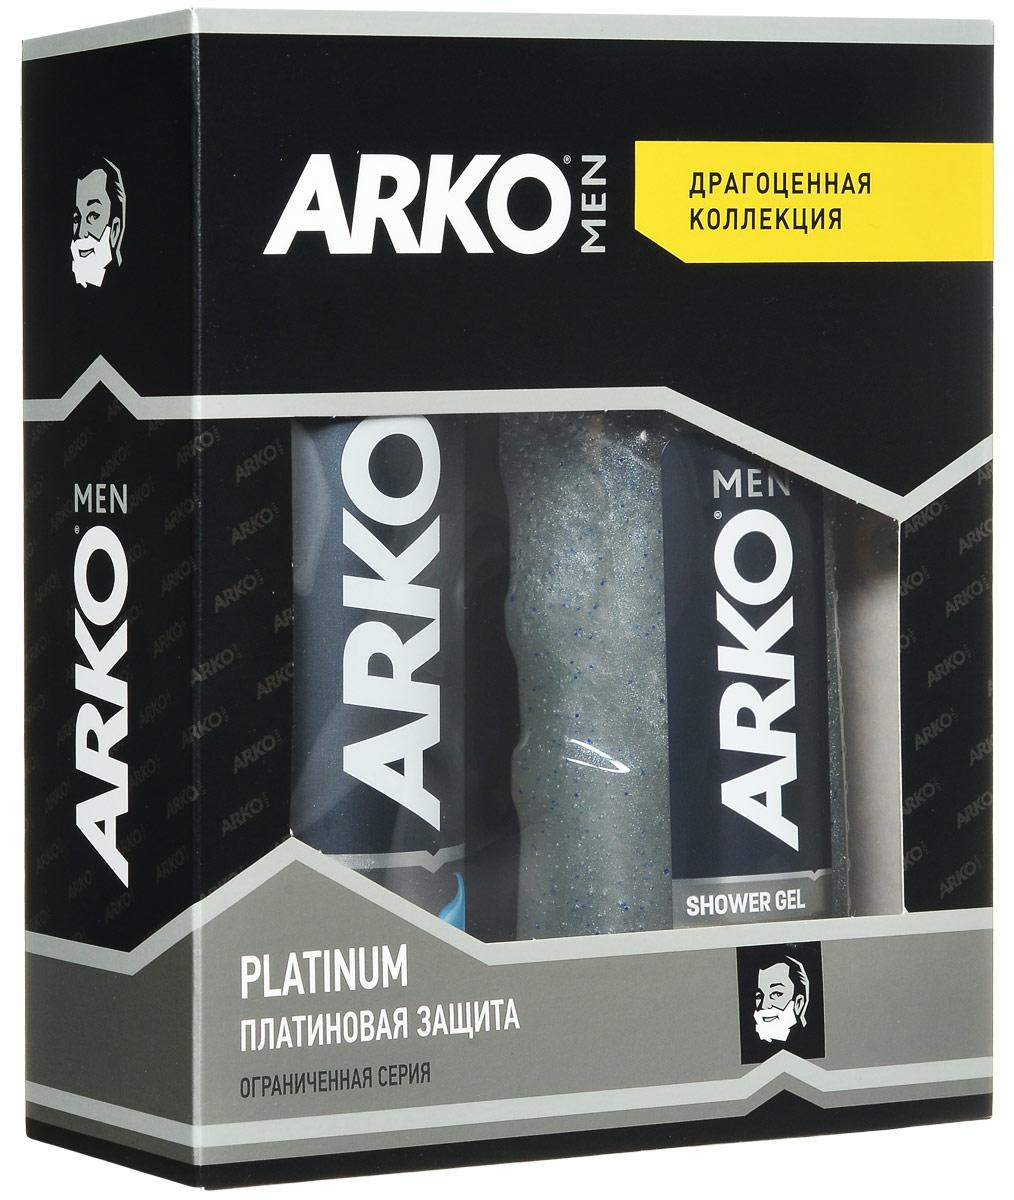 Arko Platinum: ГЕЛЬ 200мл+ГЕЛЬ для душа 250мл2218Гель для бритья уменьшает риск возникновения жжения кожи от бритья, благодаря формуле алое вера и маслом лаванды, для мужчин с чувствительной кожей.